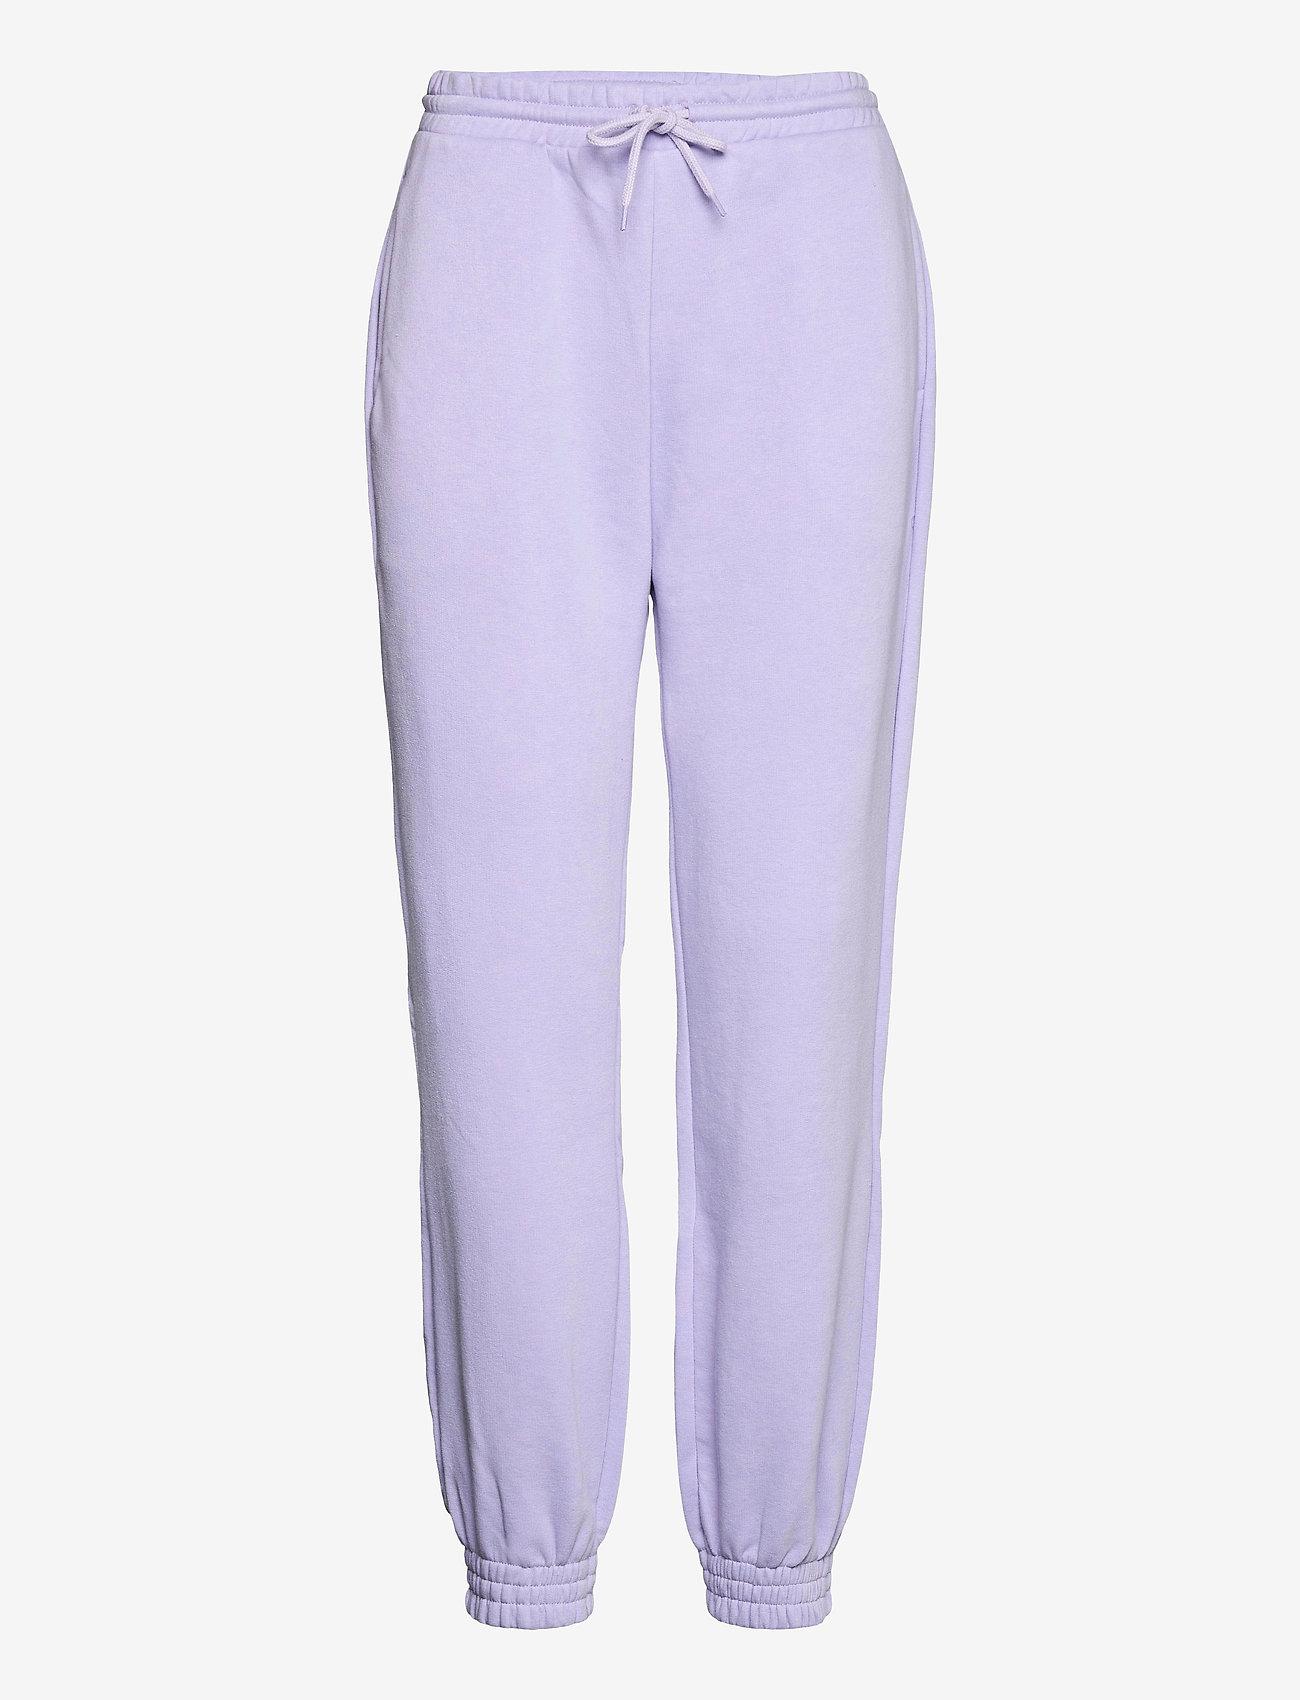 Modström - Holly pants - sweatpants - cosmic sky - 0